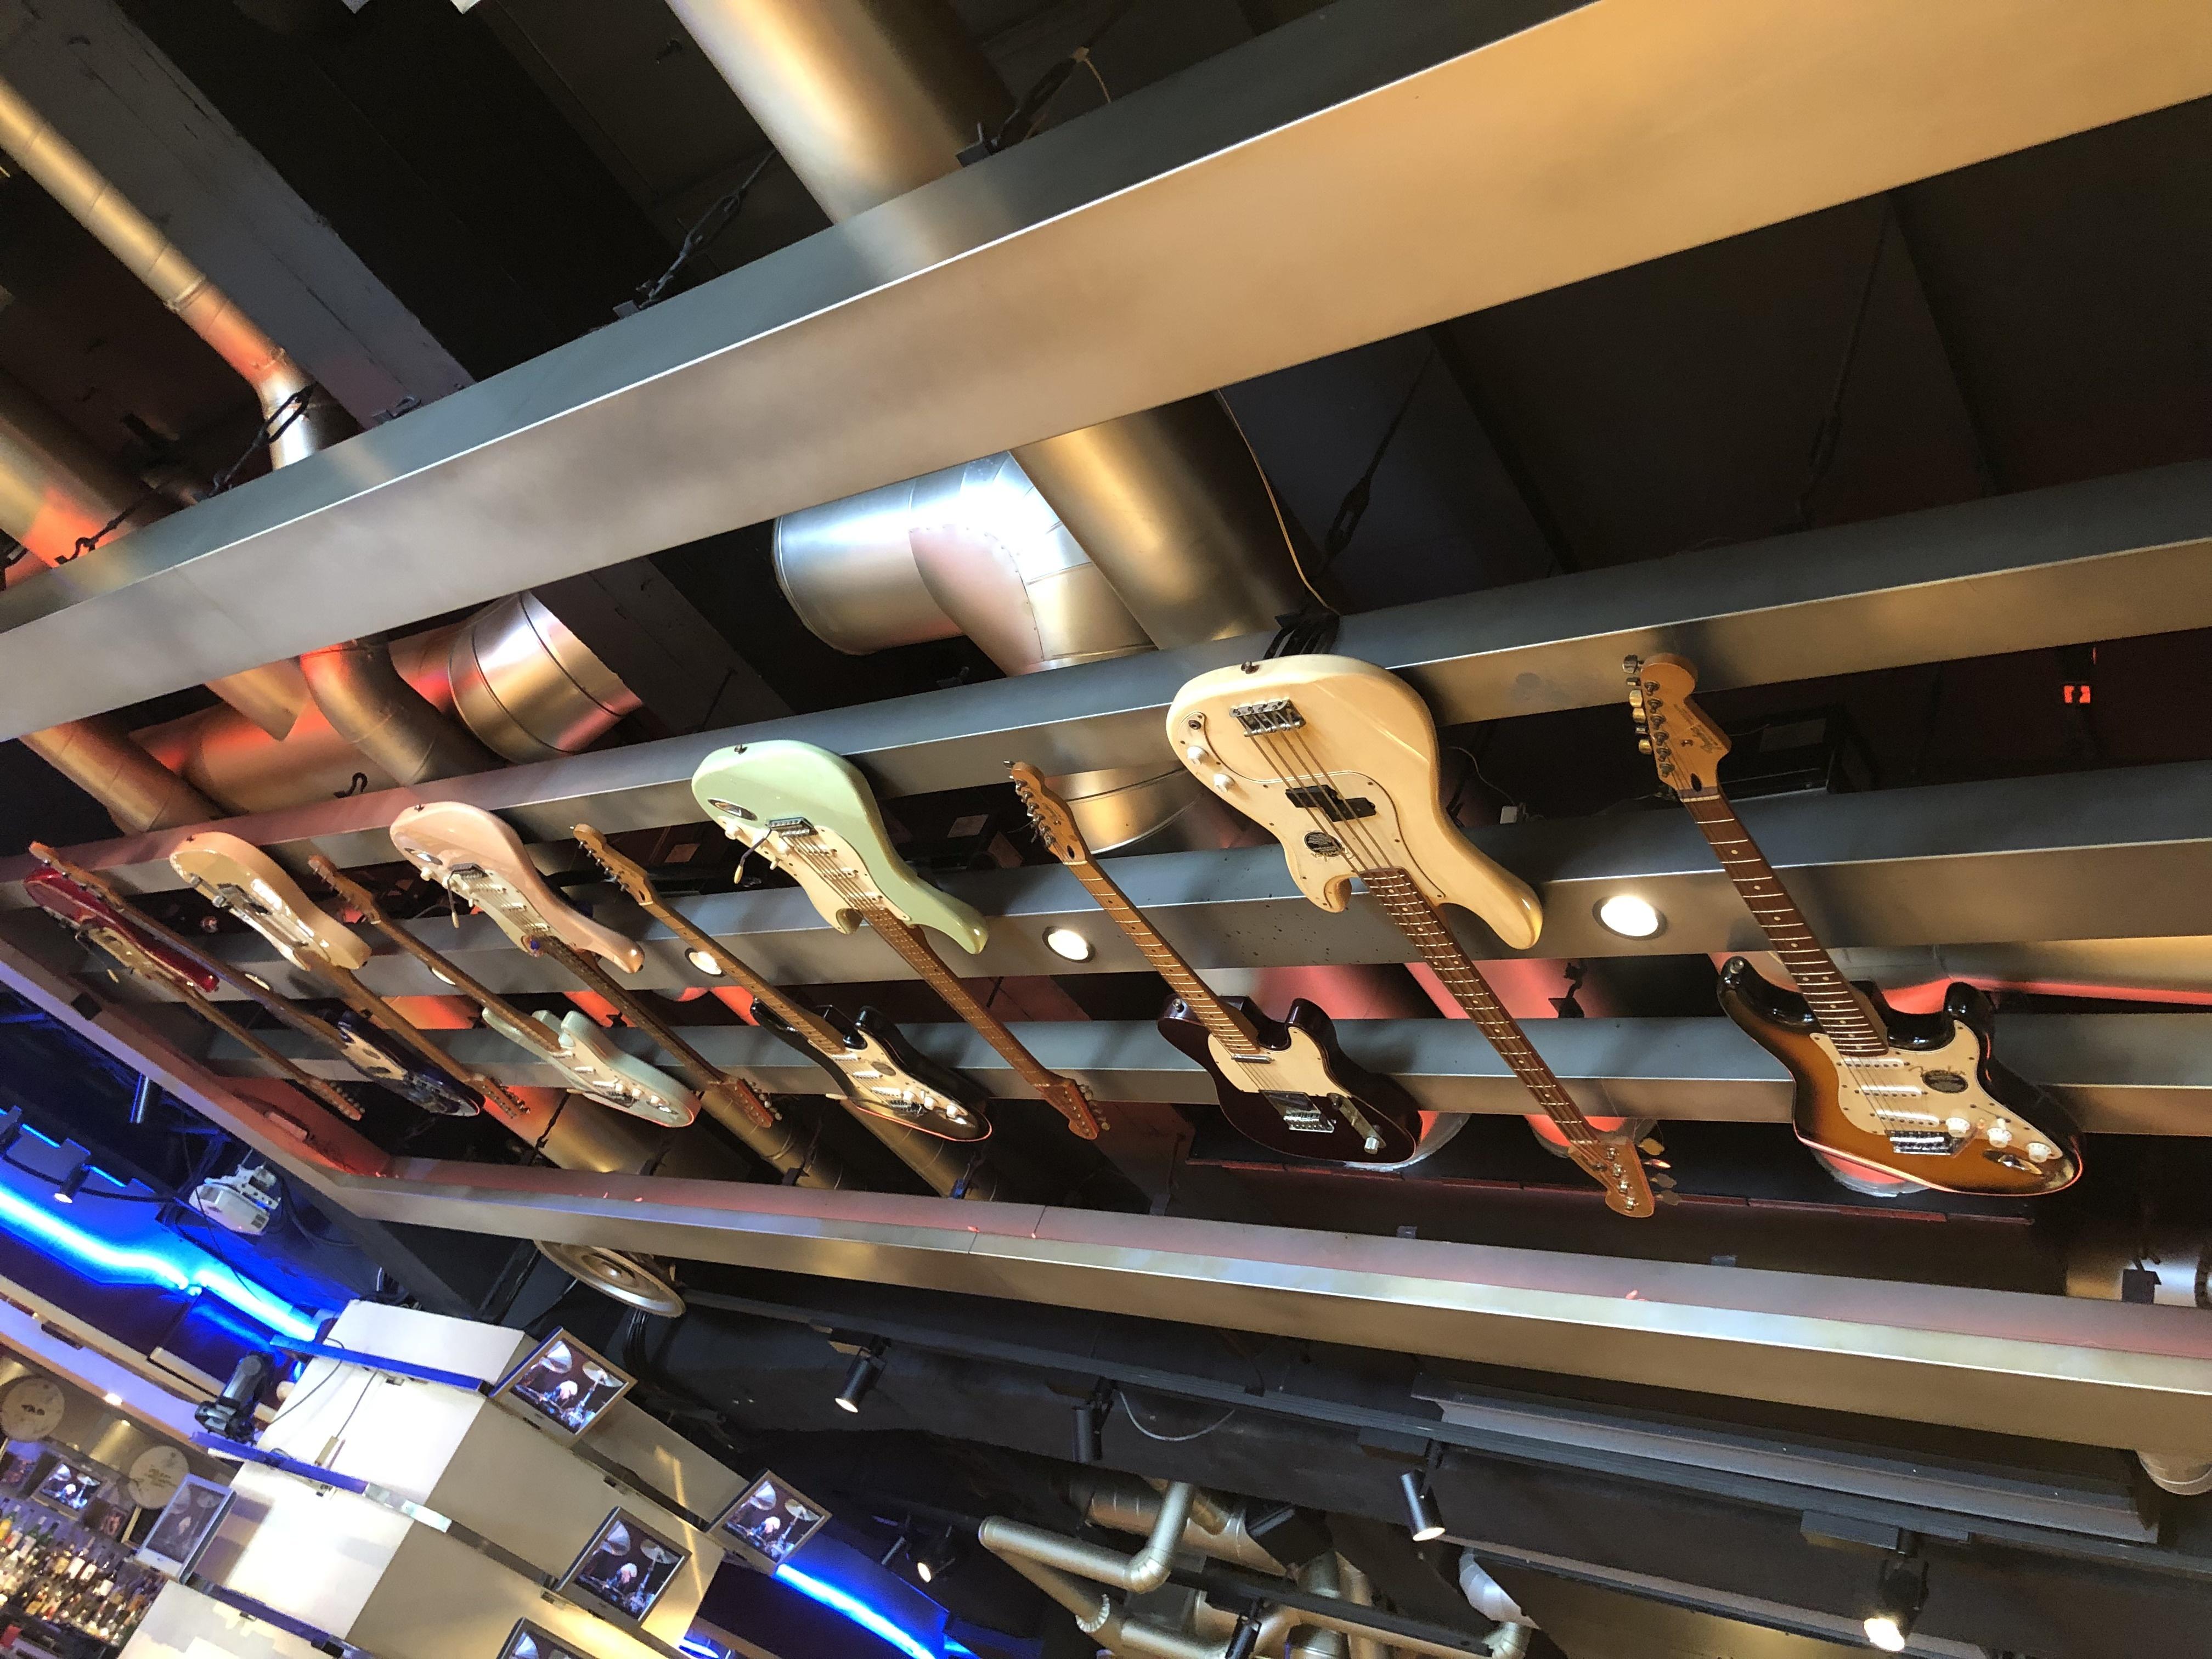 ハードロックカフェ大阪 天井にギター